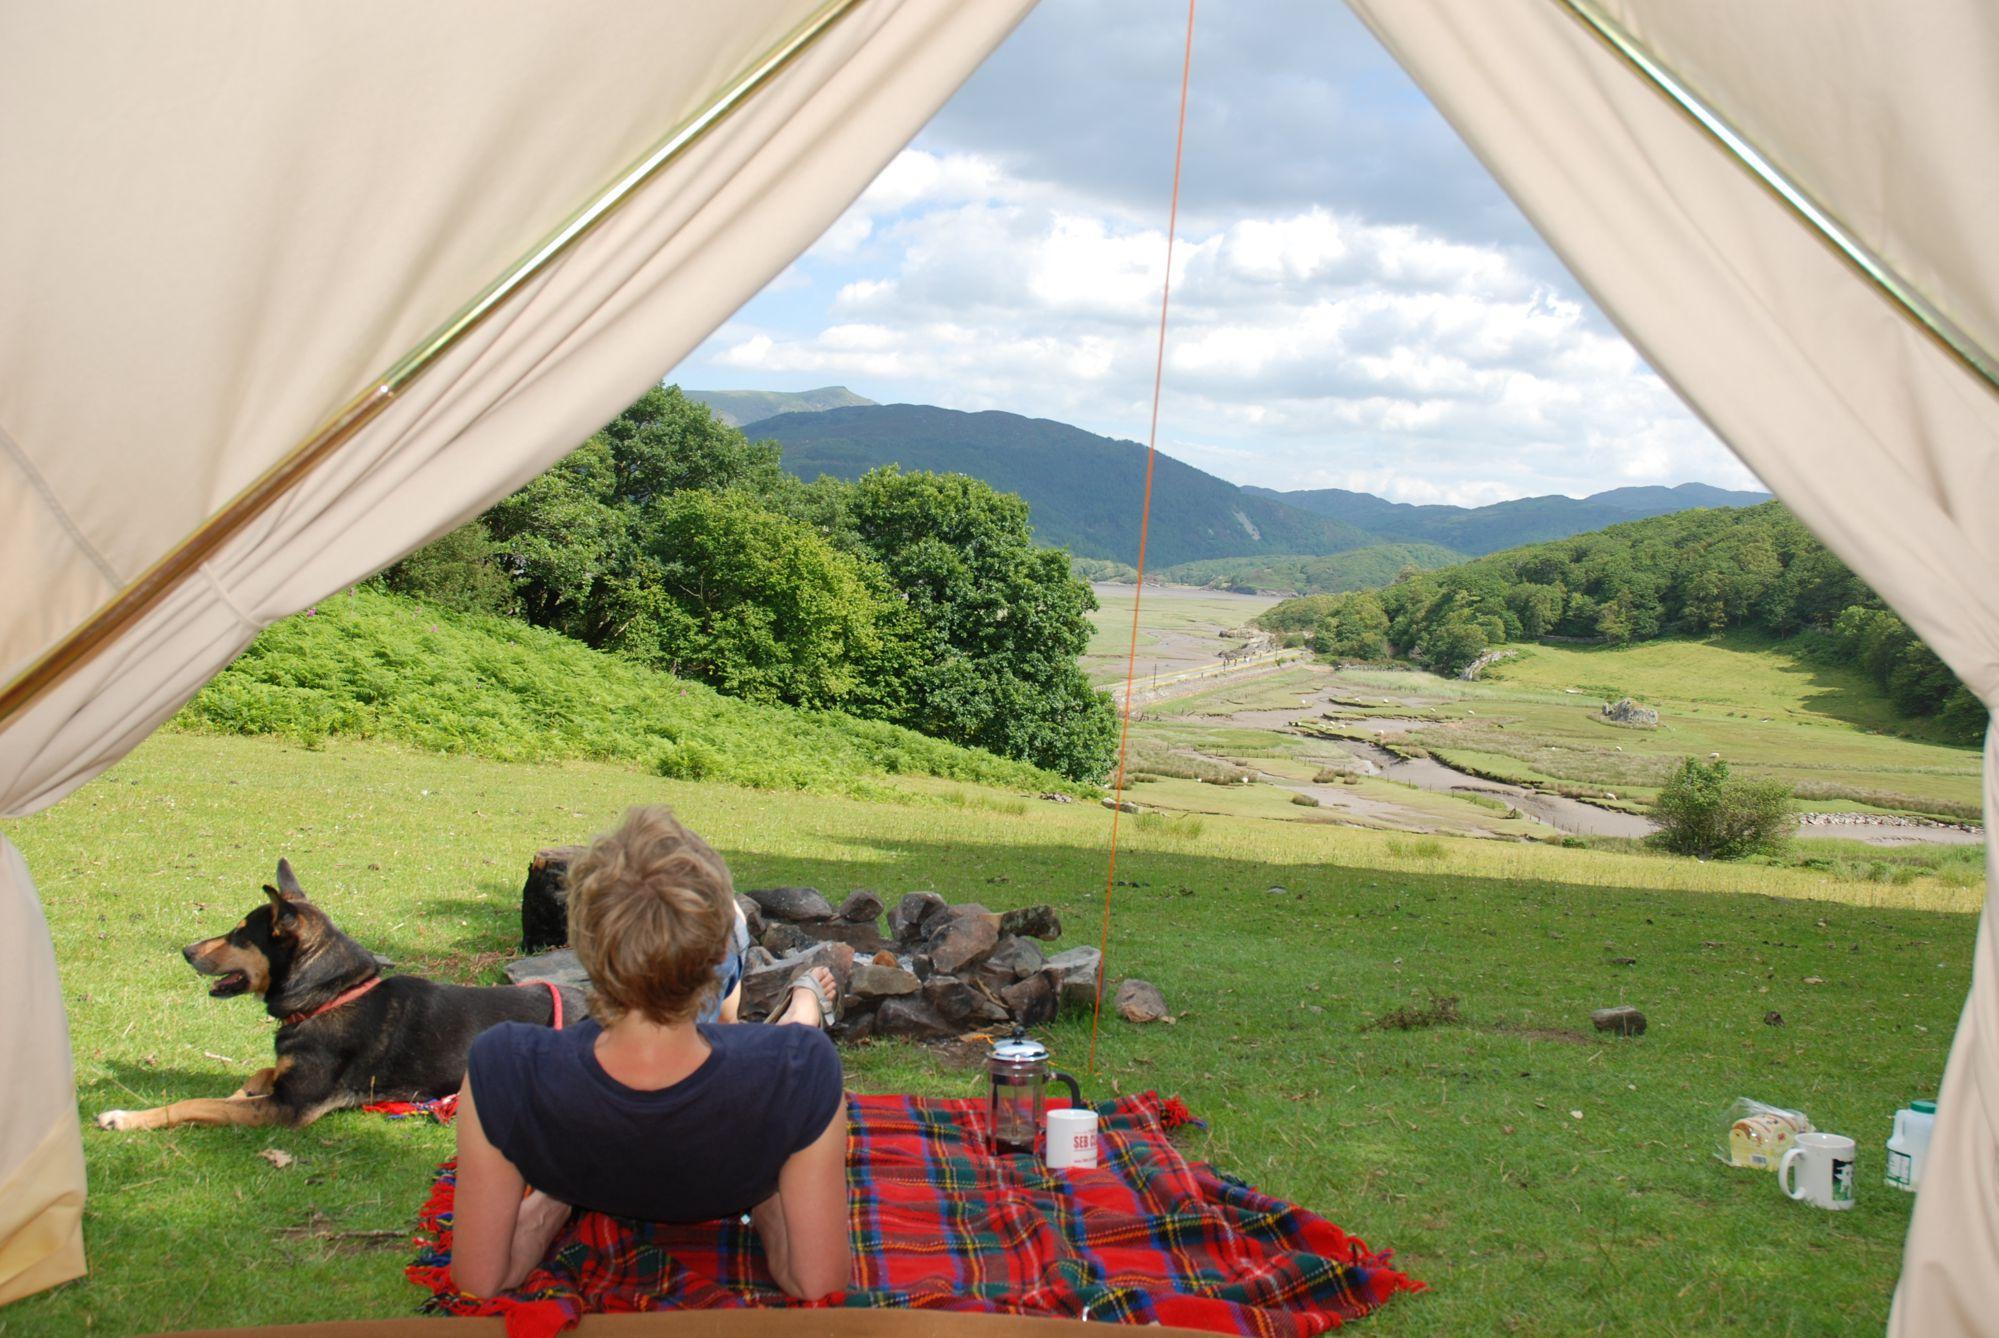 Campsites in Gwynedd – Glampingly